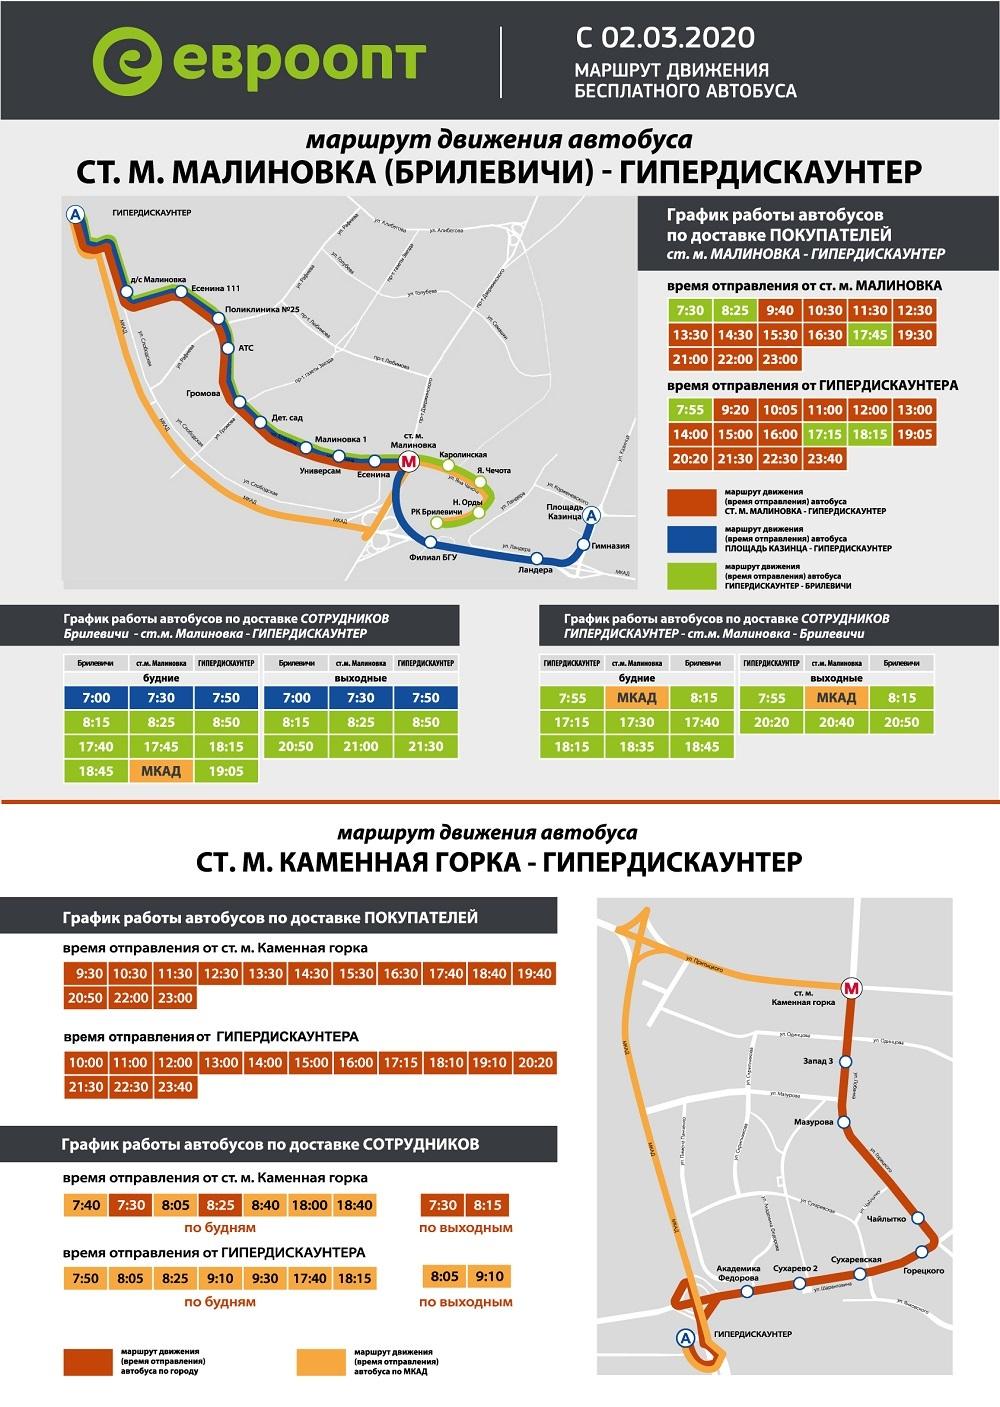 Расписание автобусов Евроопт с Малиновки(Брилевичи) и Каменной Горки (выходные дни)